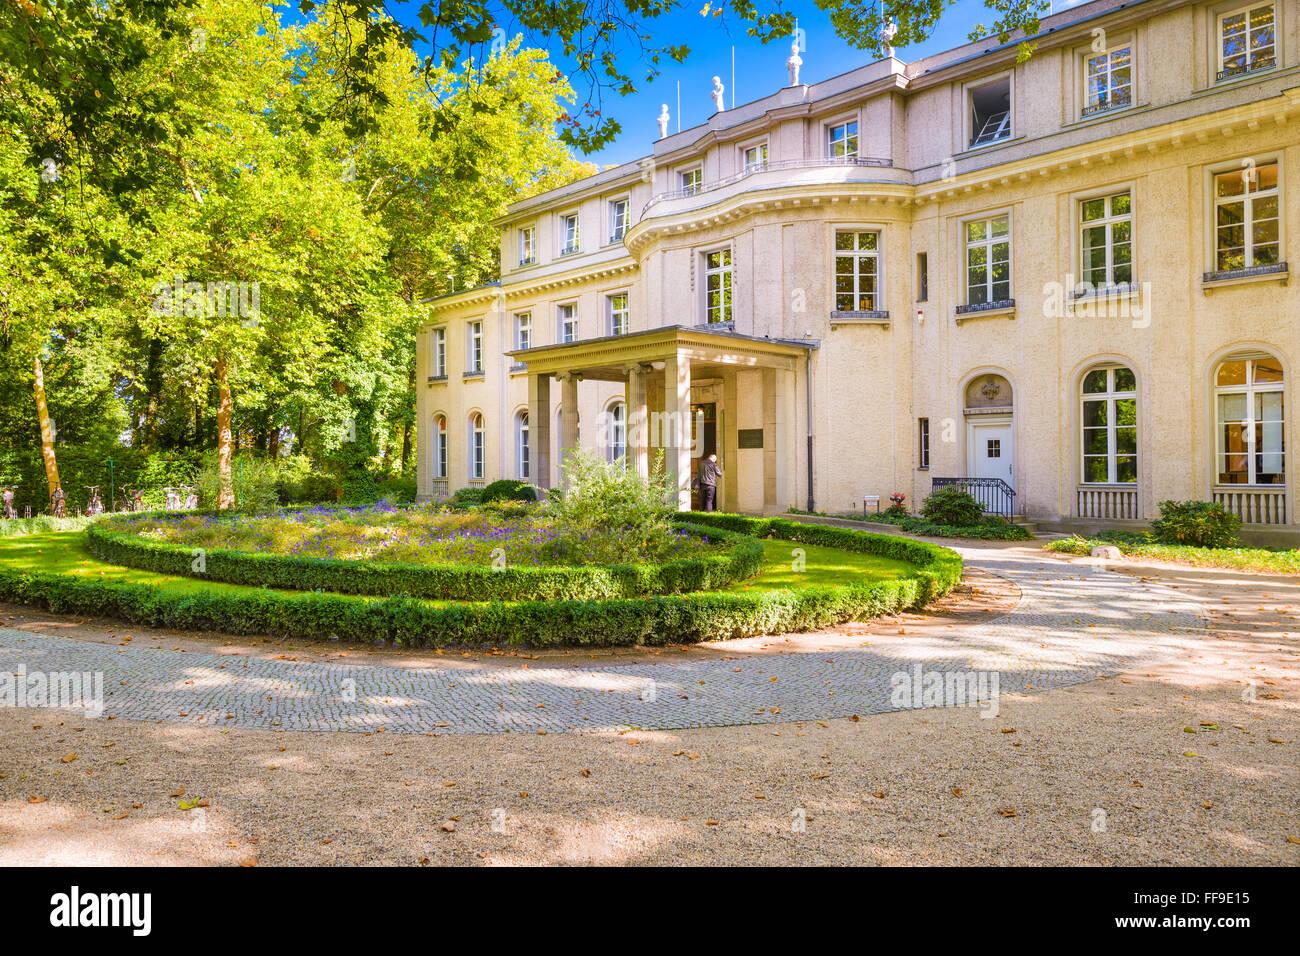 Le Wannsee à Berlin, Allemagne. Banque D'Images